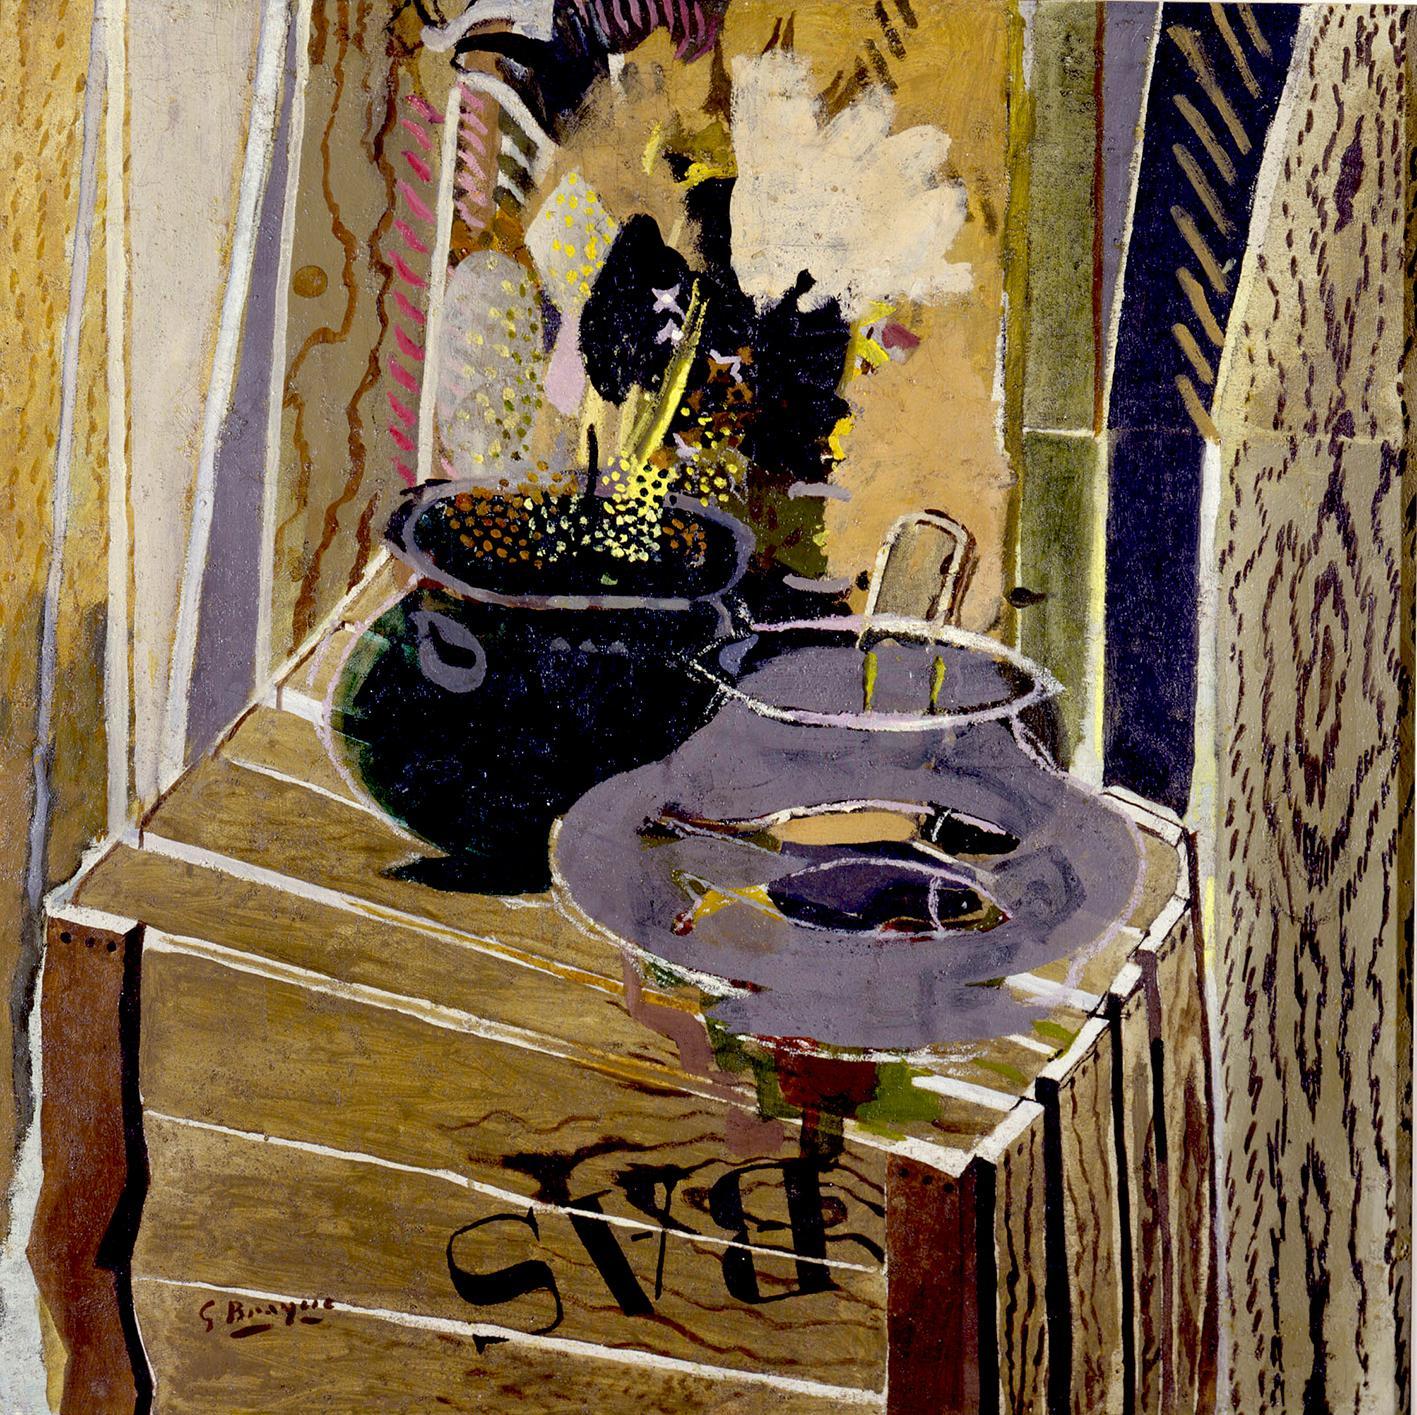 George Braque, La Caisse d'emballage, 1947. Huile sur toile, 92×92 cm.